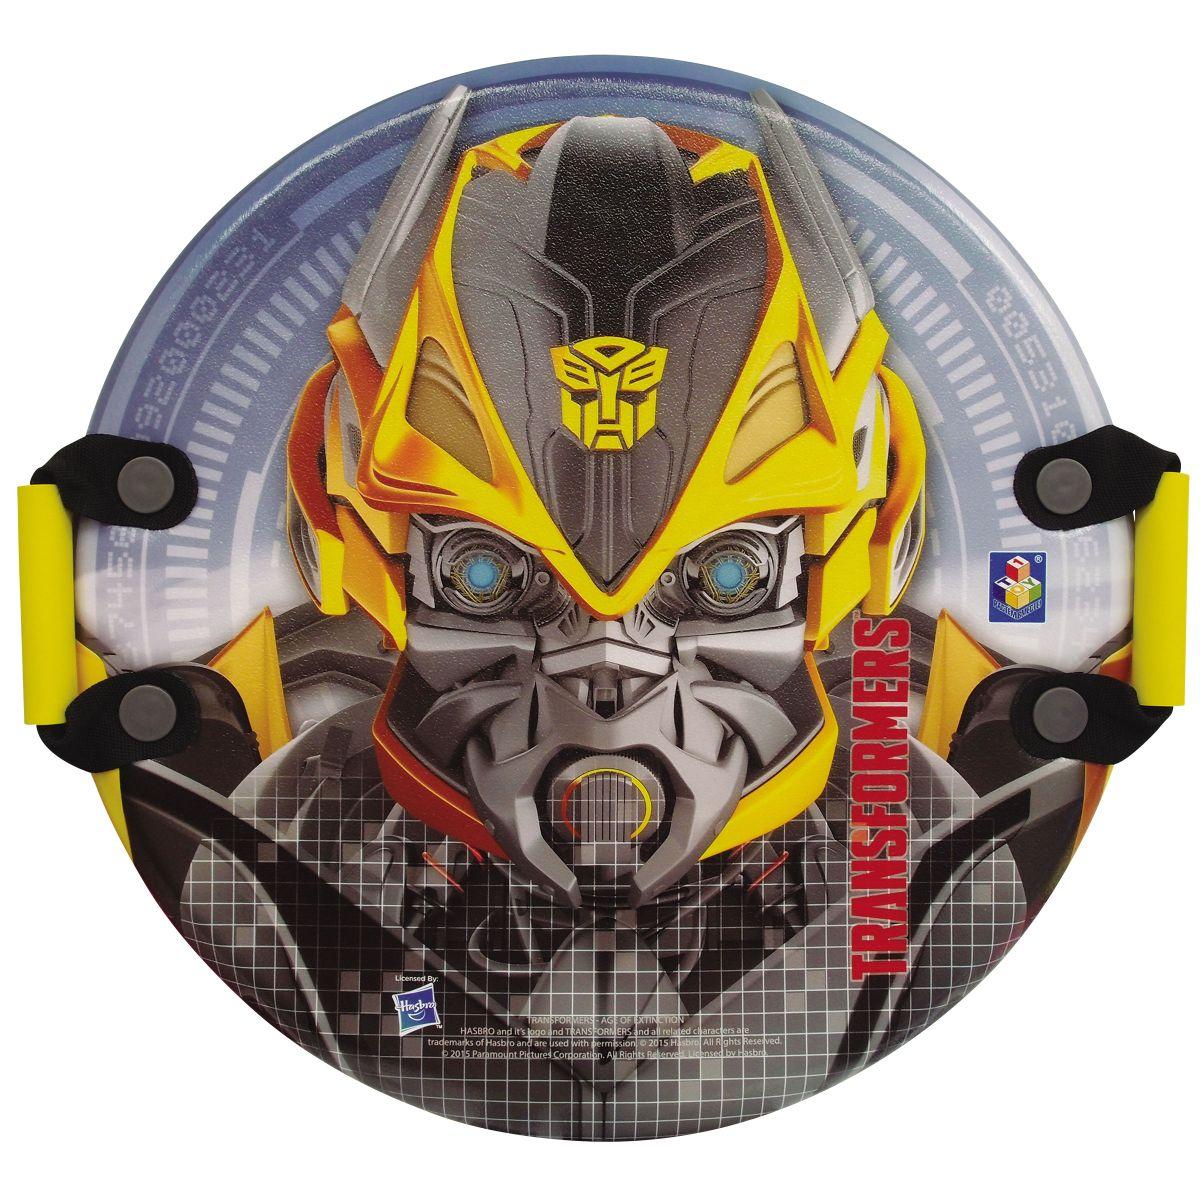 АКЦИЯ19 Игрушка Ледянка Transformers 60 см. круглая с ручками